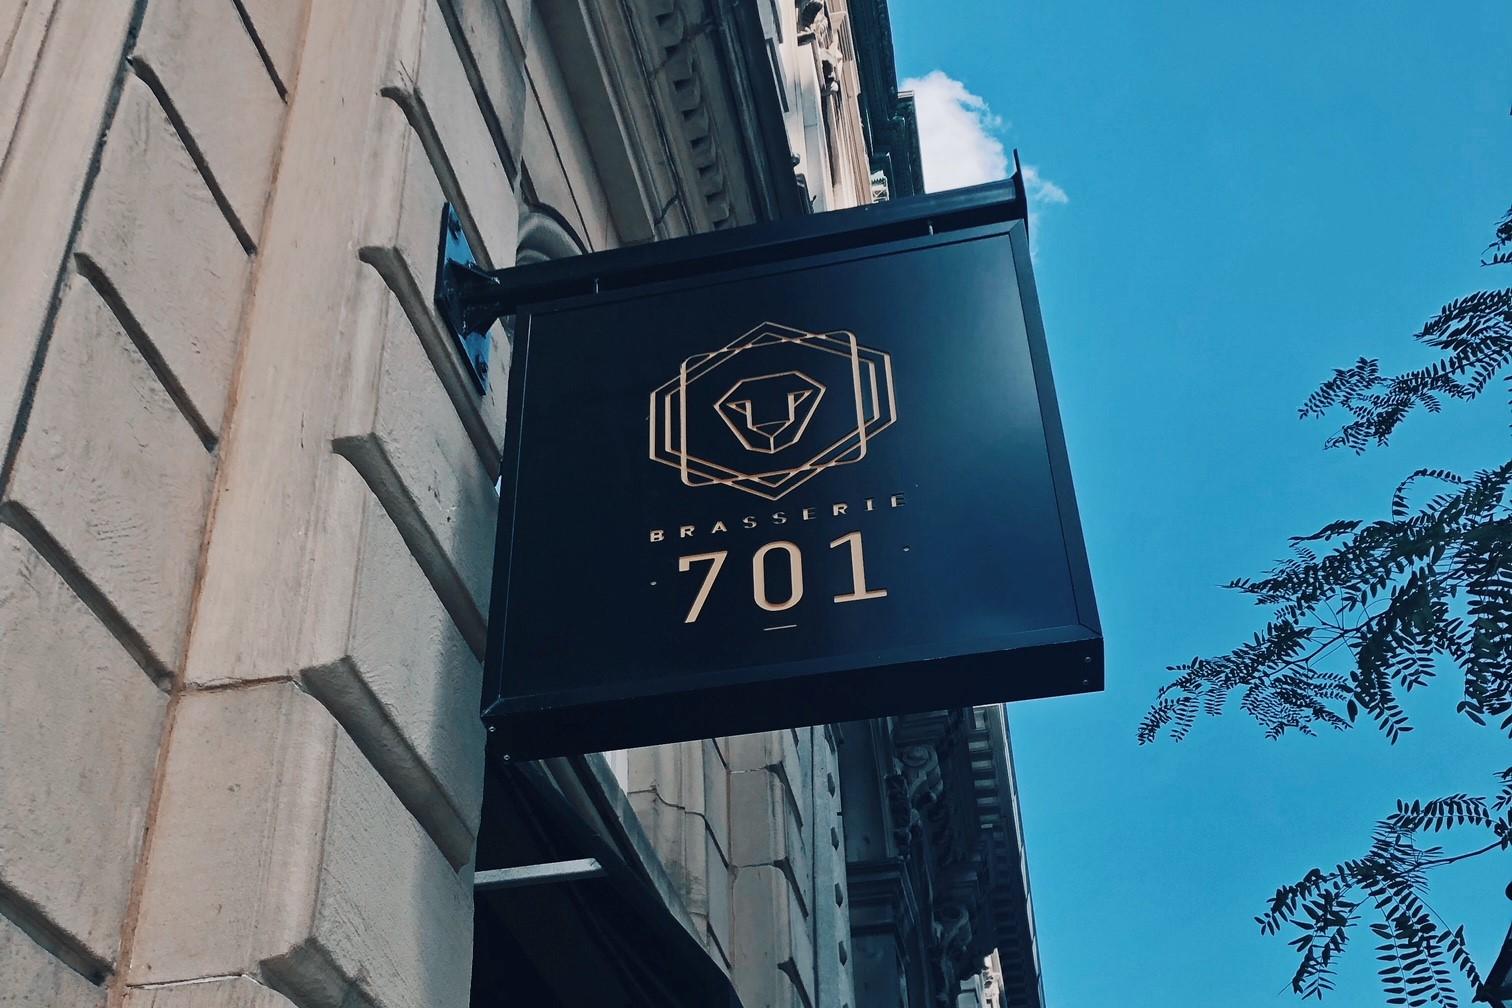 Brasserie 701 Sign.jpg